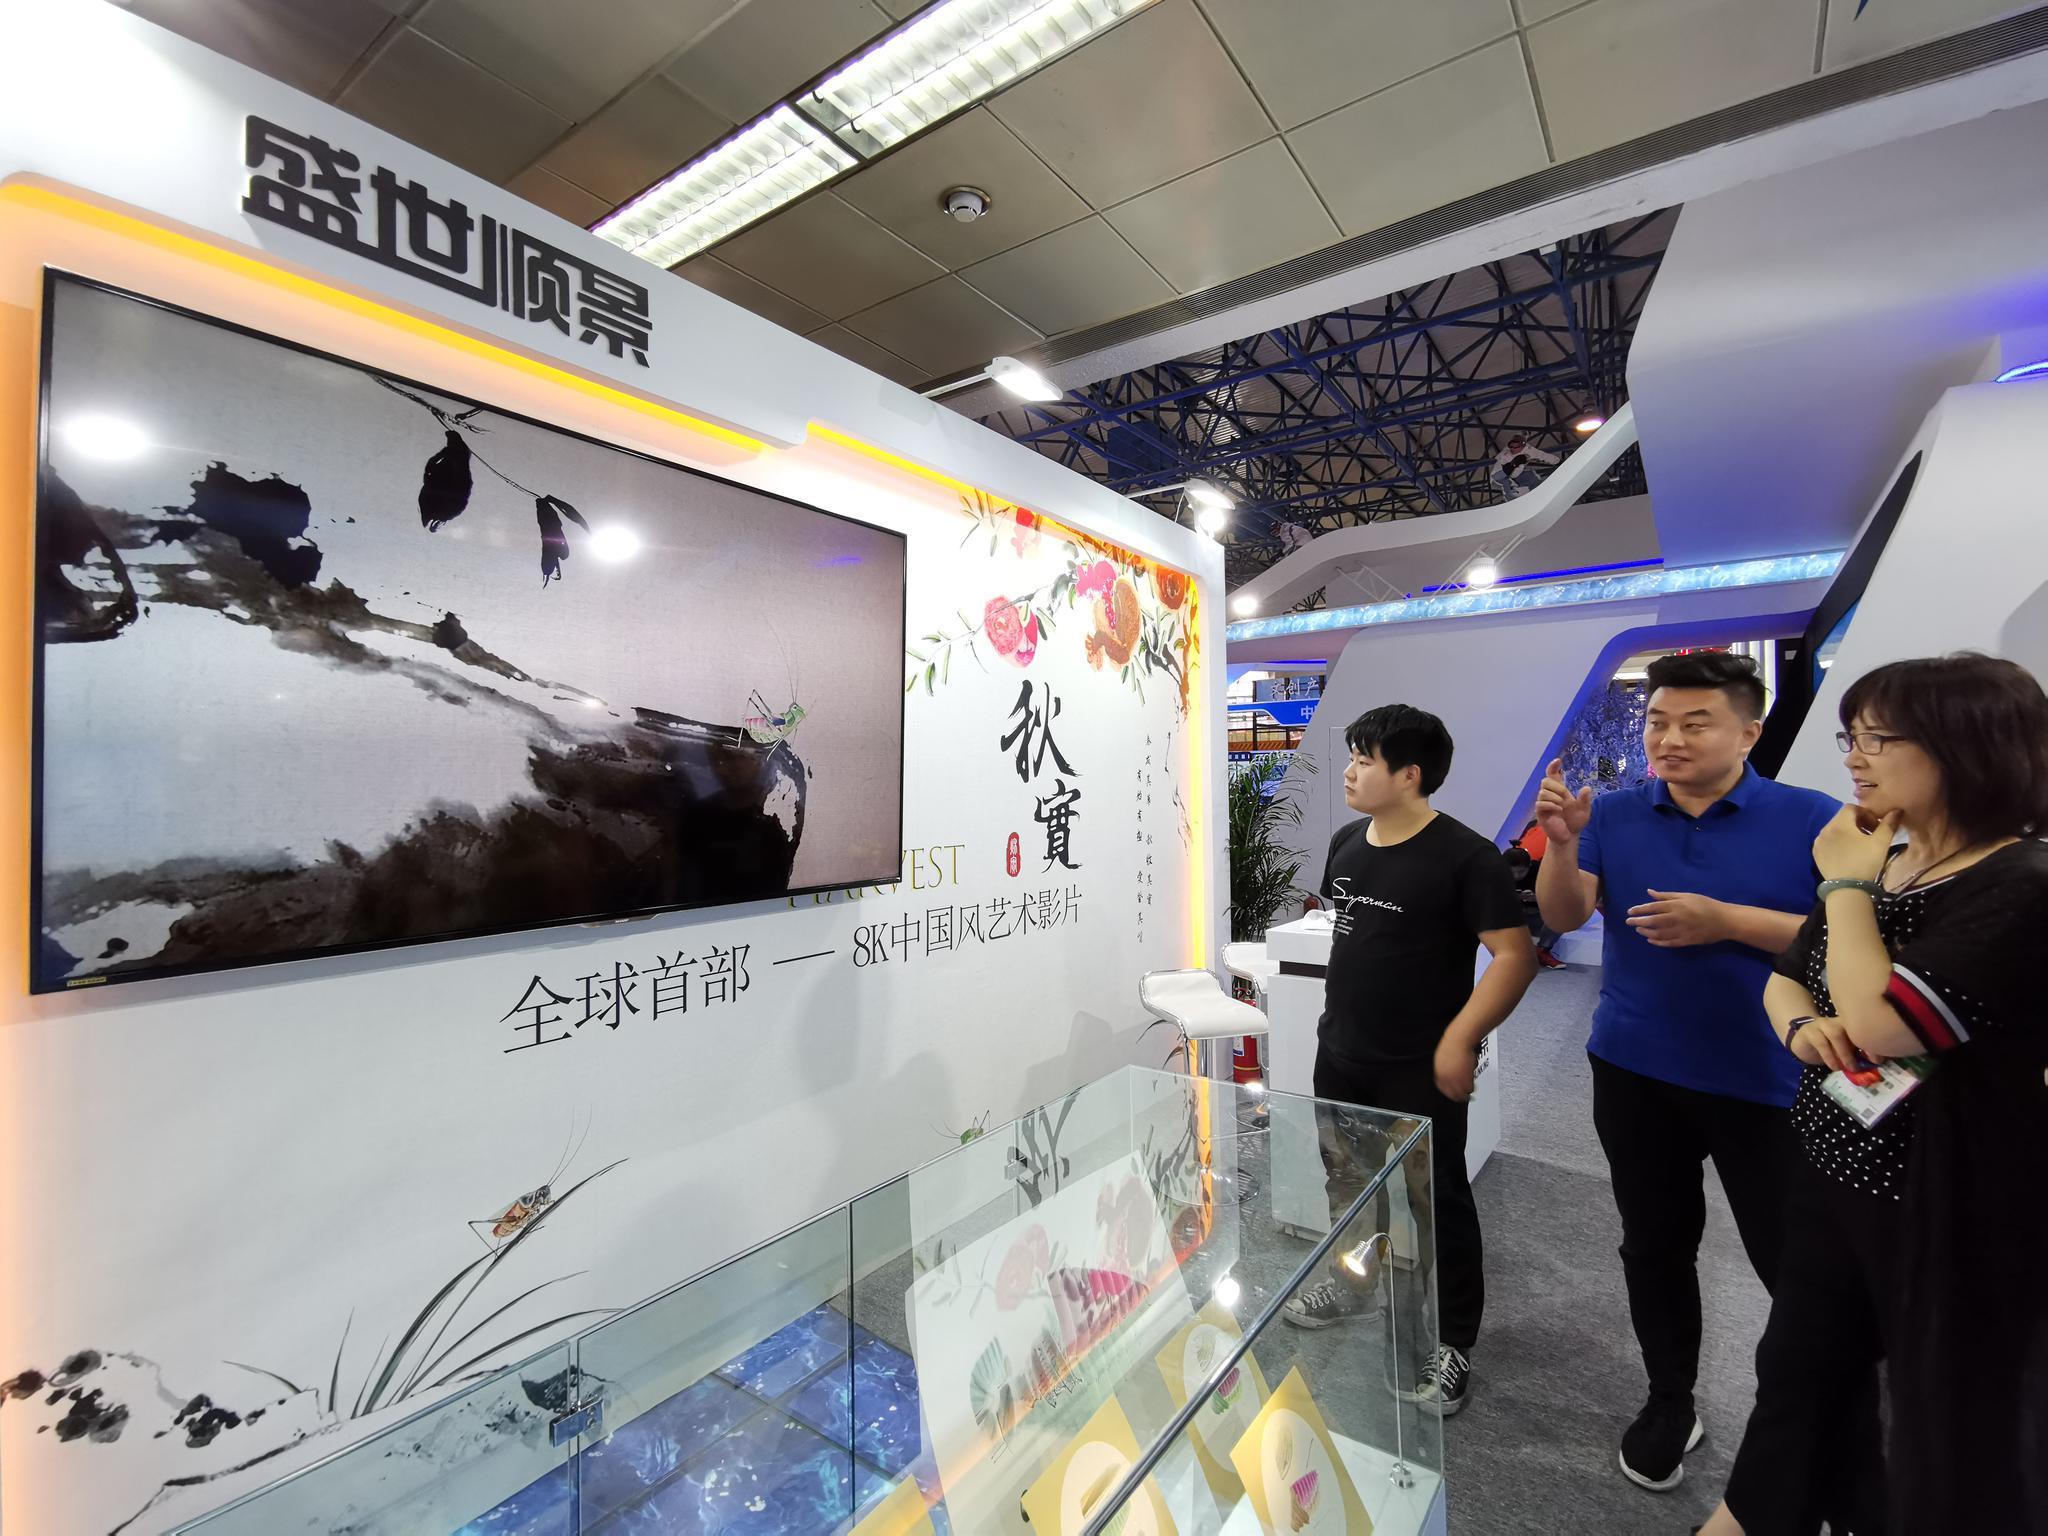 全球首部8K影像中国风动画亮相北京文博会